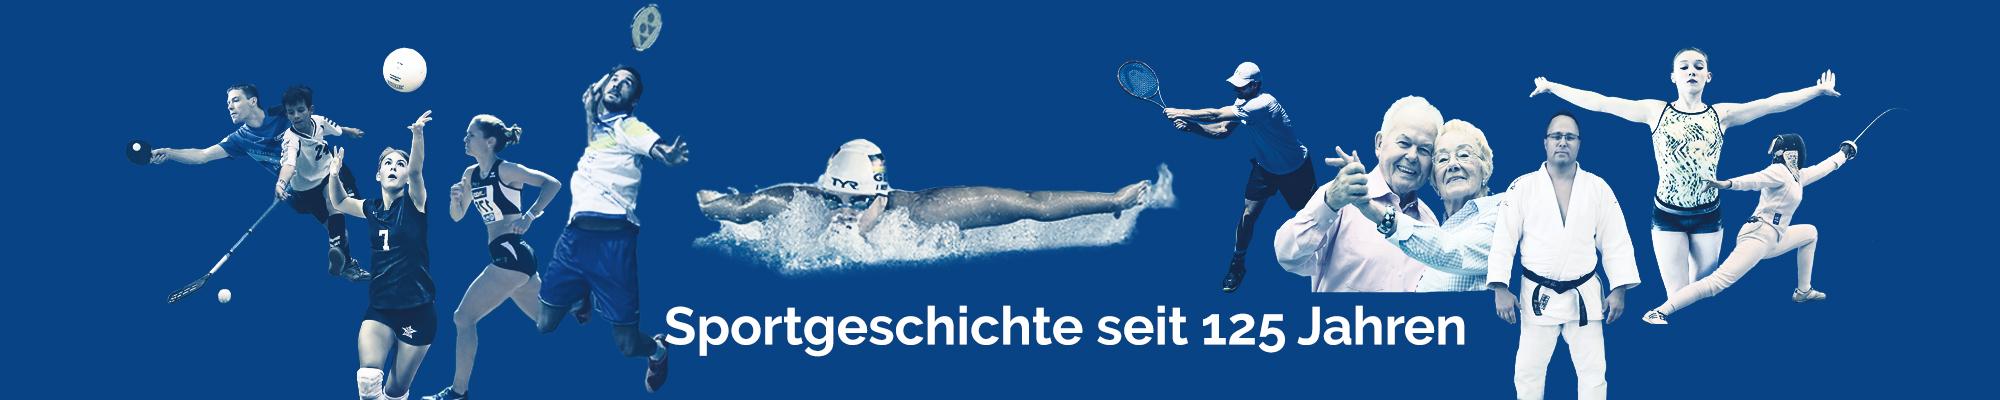 tv-refrath-sportgeschichte-sportverein-bergisch-gladbach